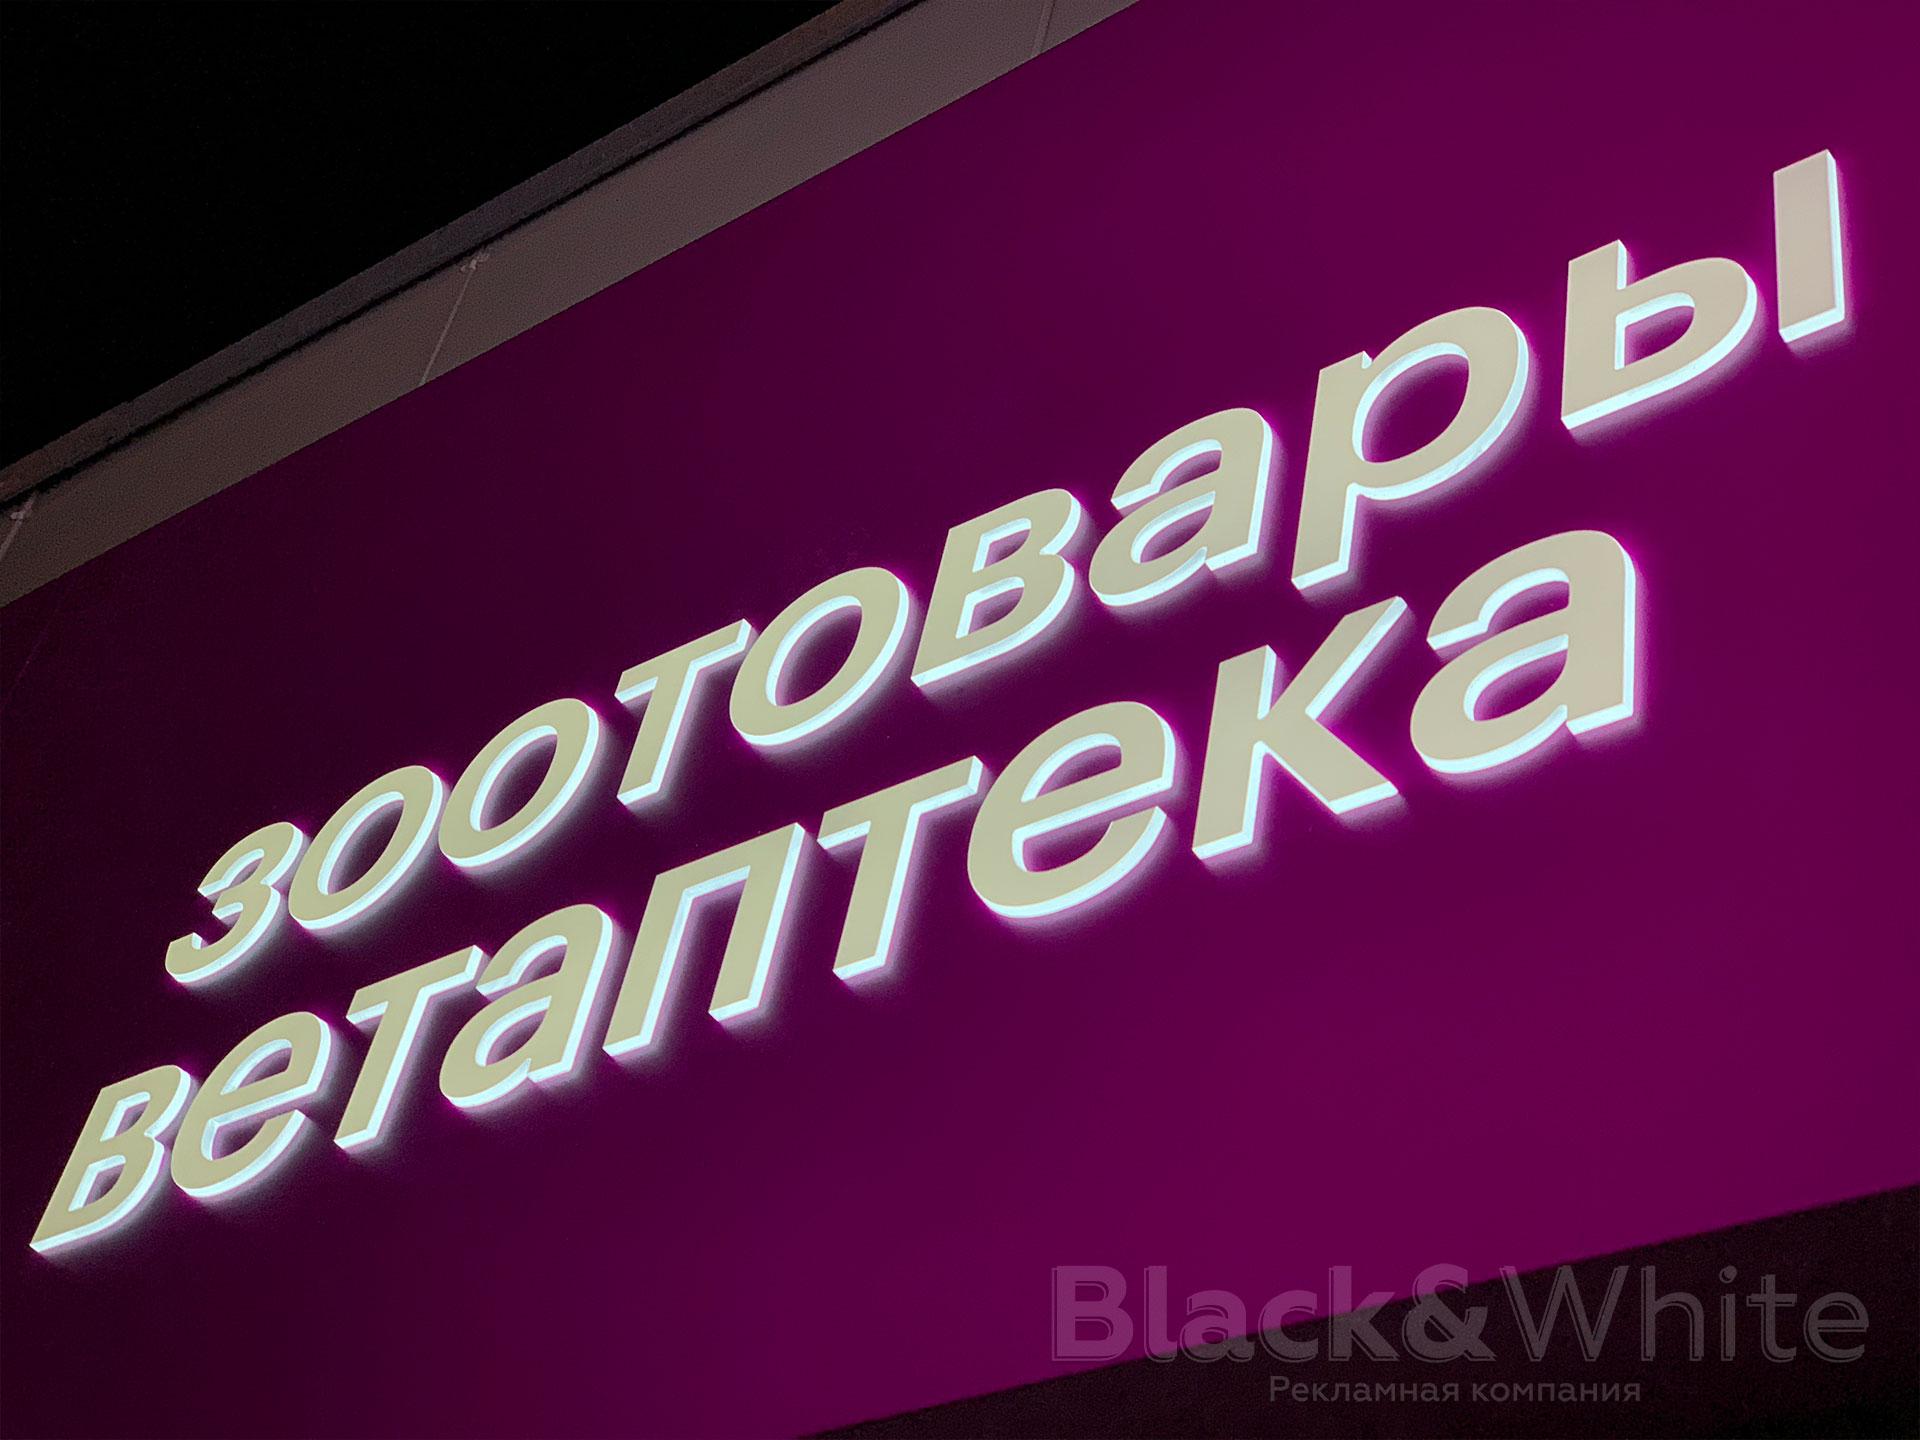 Световые-композитные-короба-в-красноярске-изготовление-svetovyie-kompozitnyie-koroba-Black&White-7.jpg